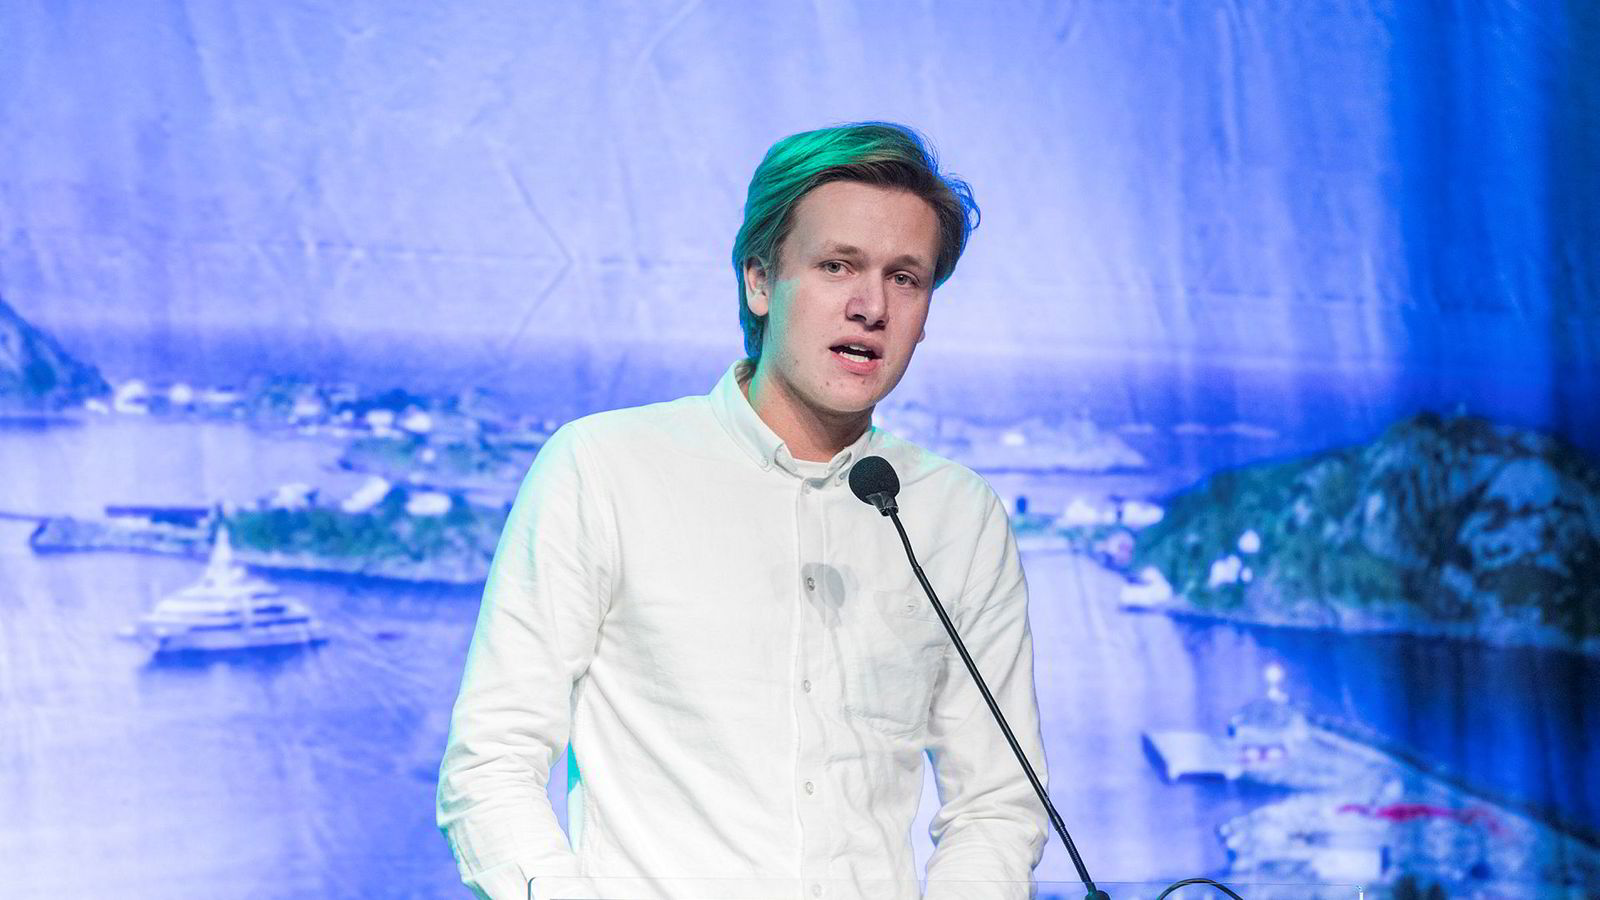 – Det er viktig å ta økonomisk ulikhet på alvor. Vi mener regjeringen har gått i feil retning når de har fjernet arveavgiften og redusert formuesskatten, sier Unge Venstre-leder Sondre Hansmark.